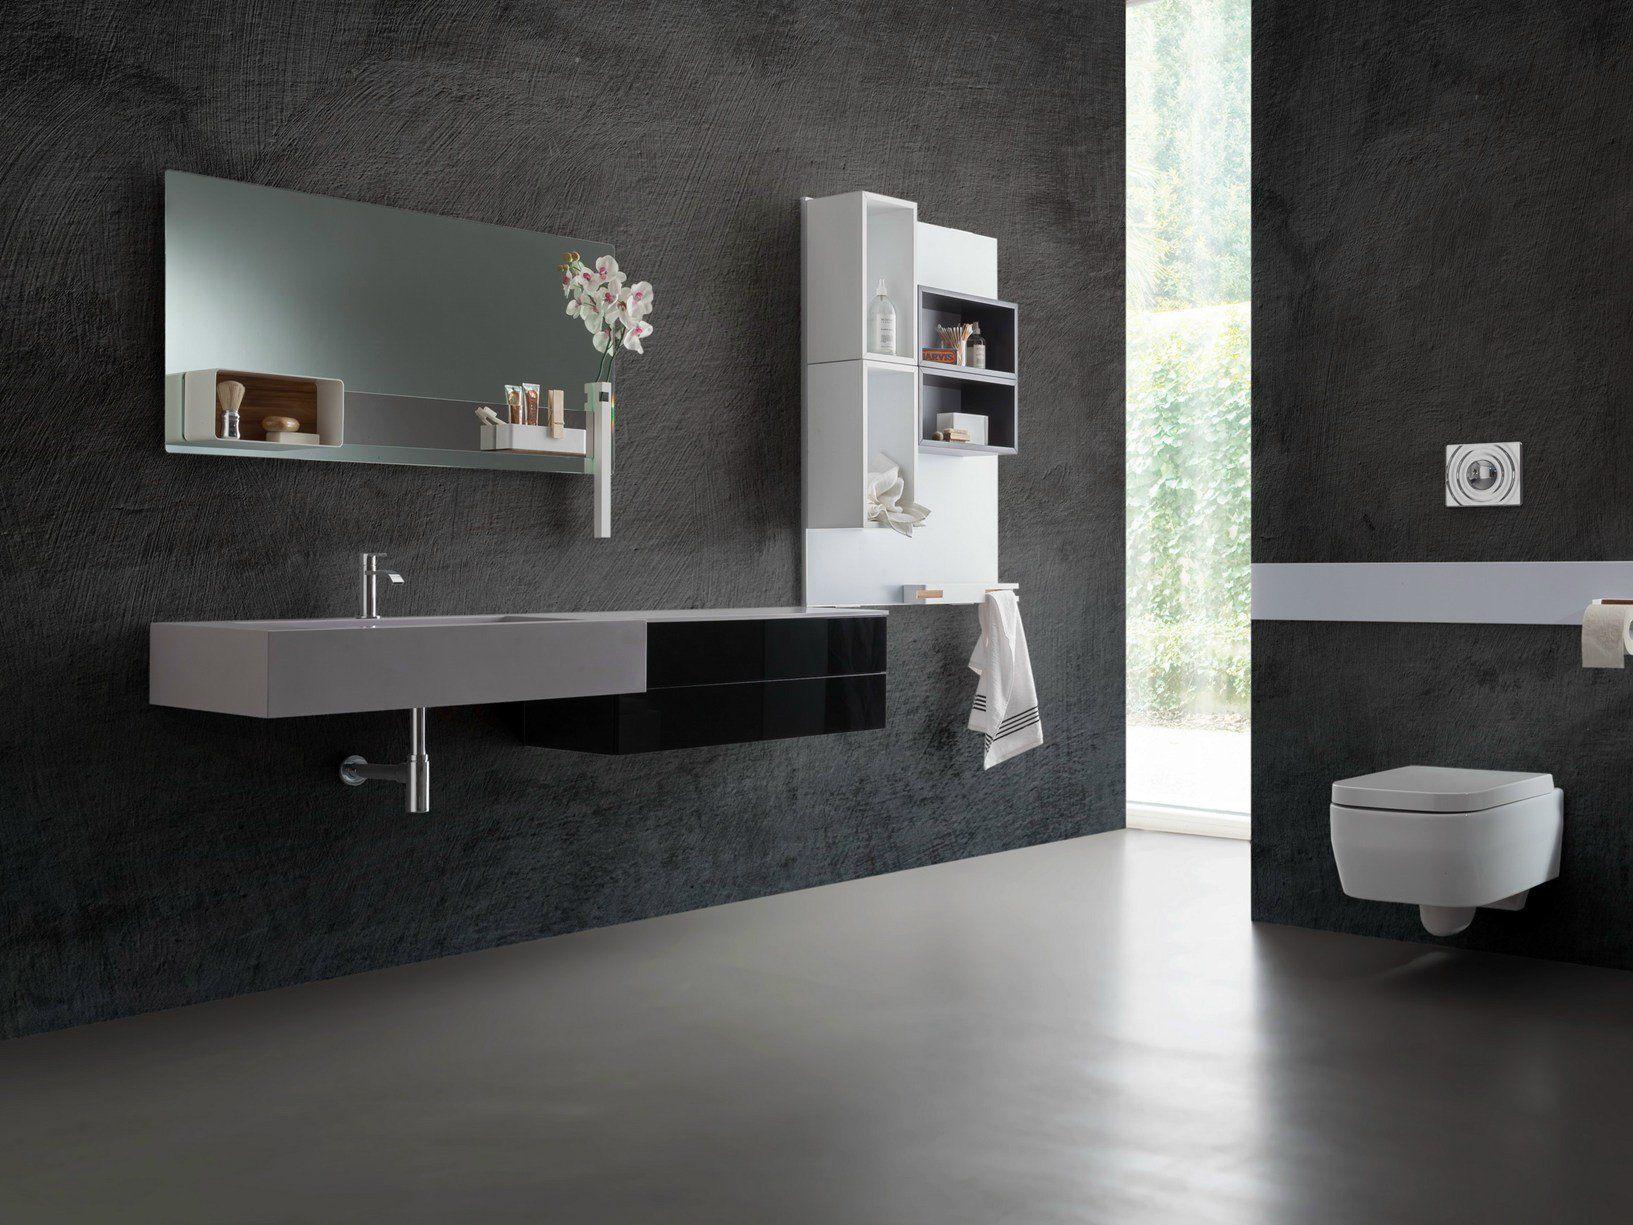 La linea di accessori per il bagno firmata ronda design for Accessori per il bagno economici